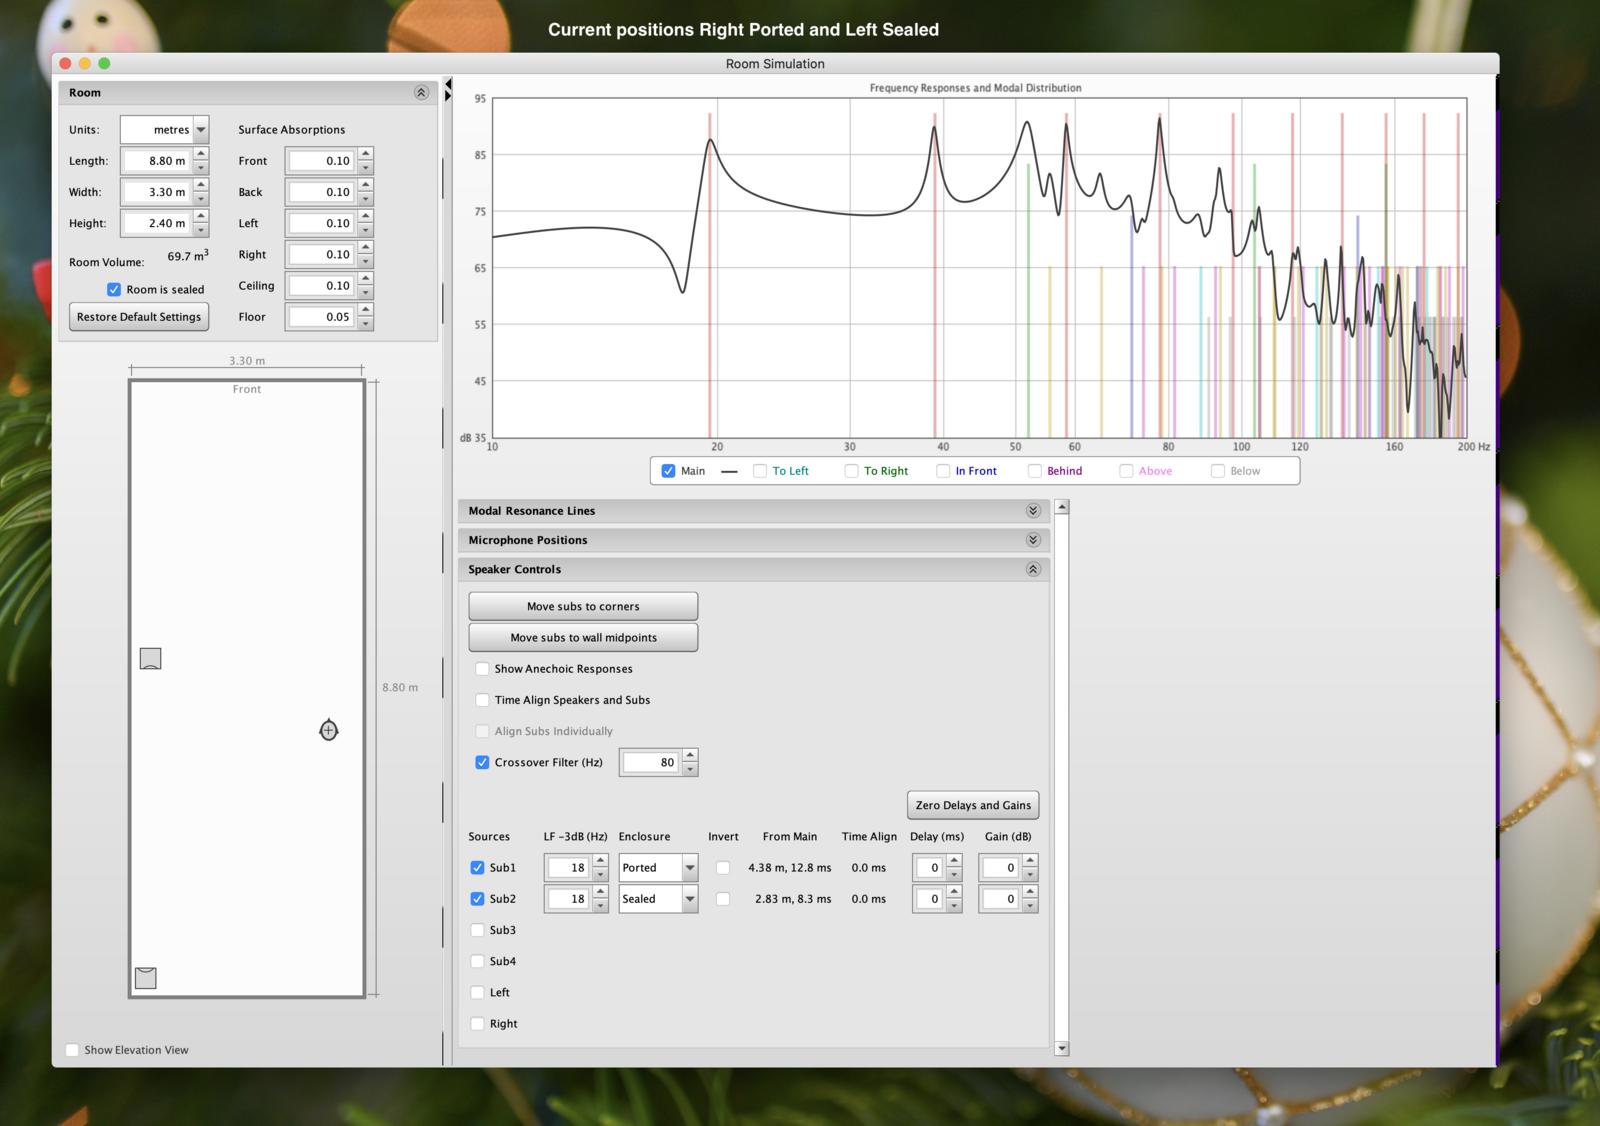 Screenshot 2021-01-30 at 12.48.52.png